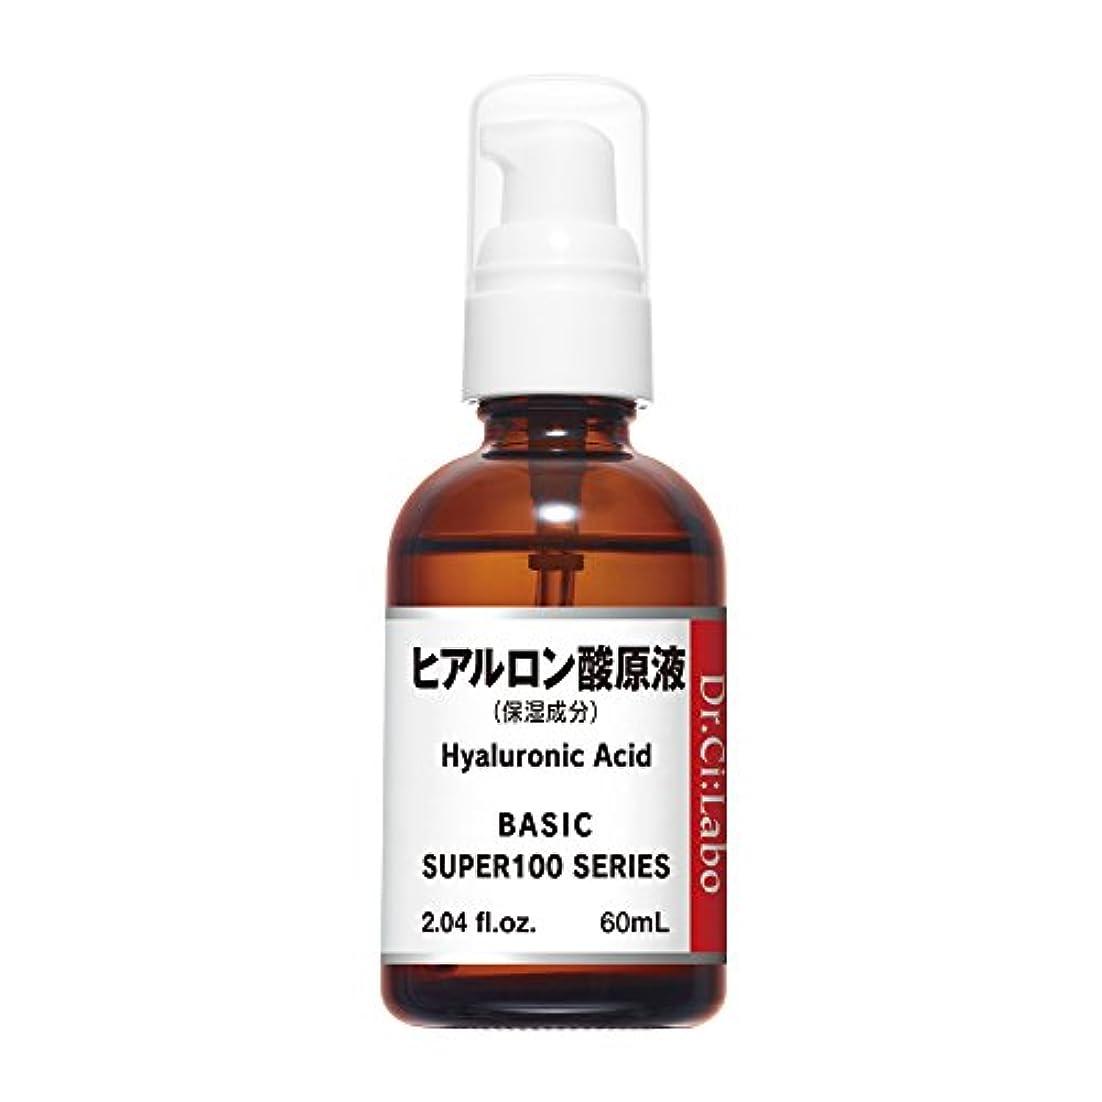 節約出演者ズームドクターシーラボ スーパー100シリーズ ヒアルロン酸原液 60mL(BIG) 原液化粧品